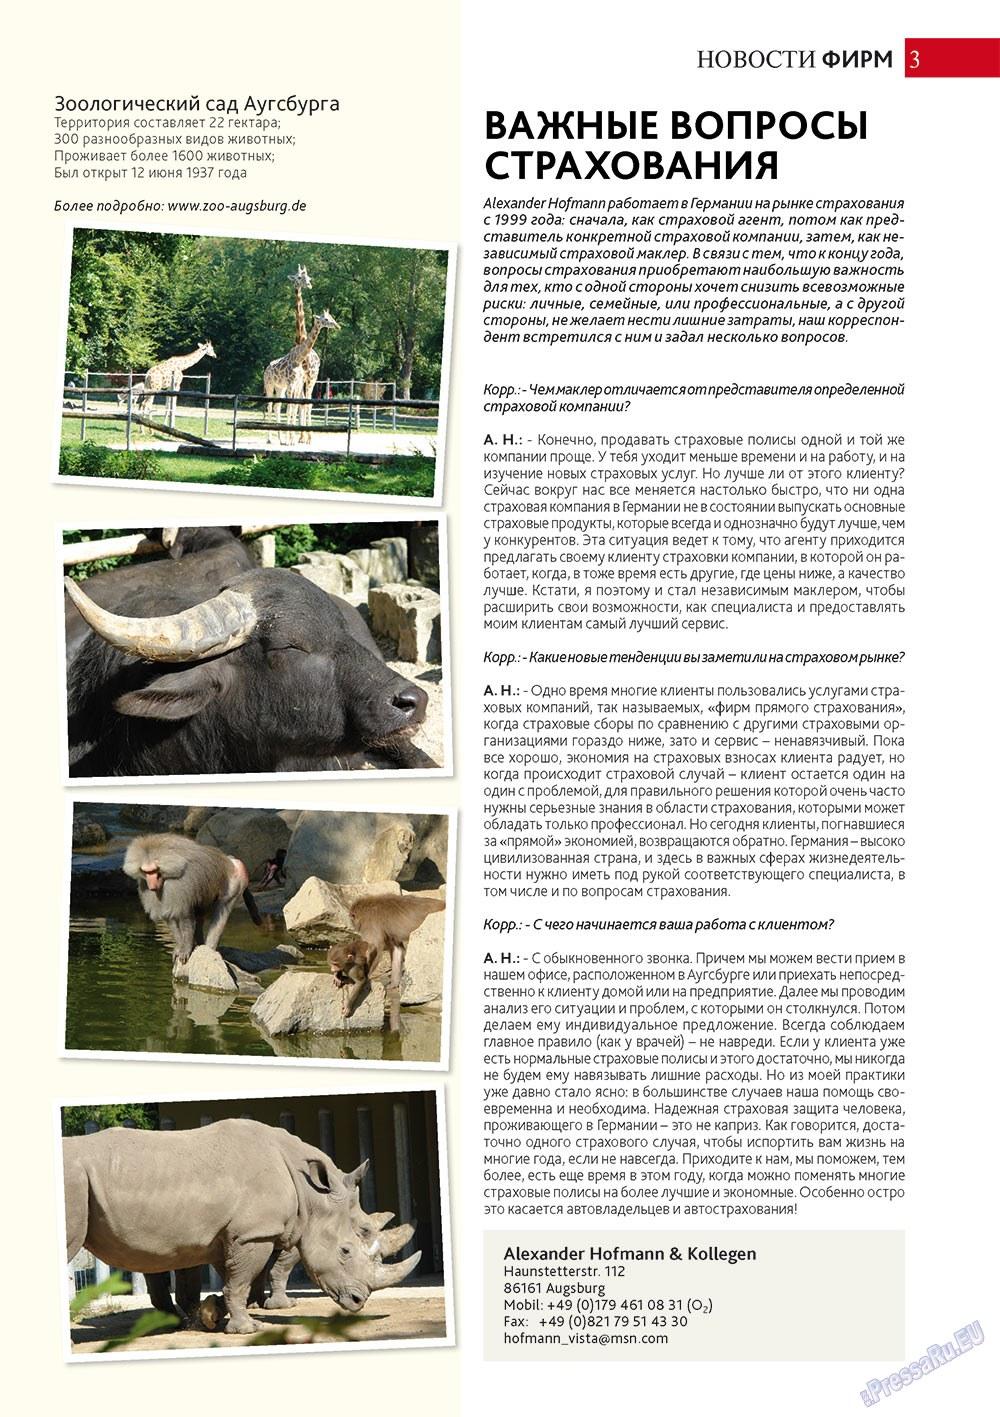 Афиша Augsburg (журнал). 2012 год, номер 10, стр. 3